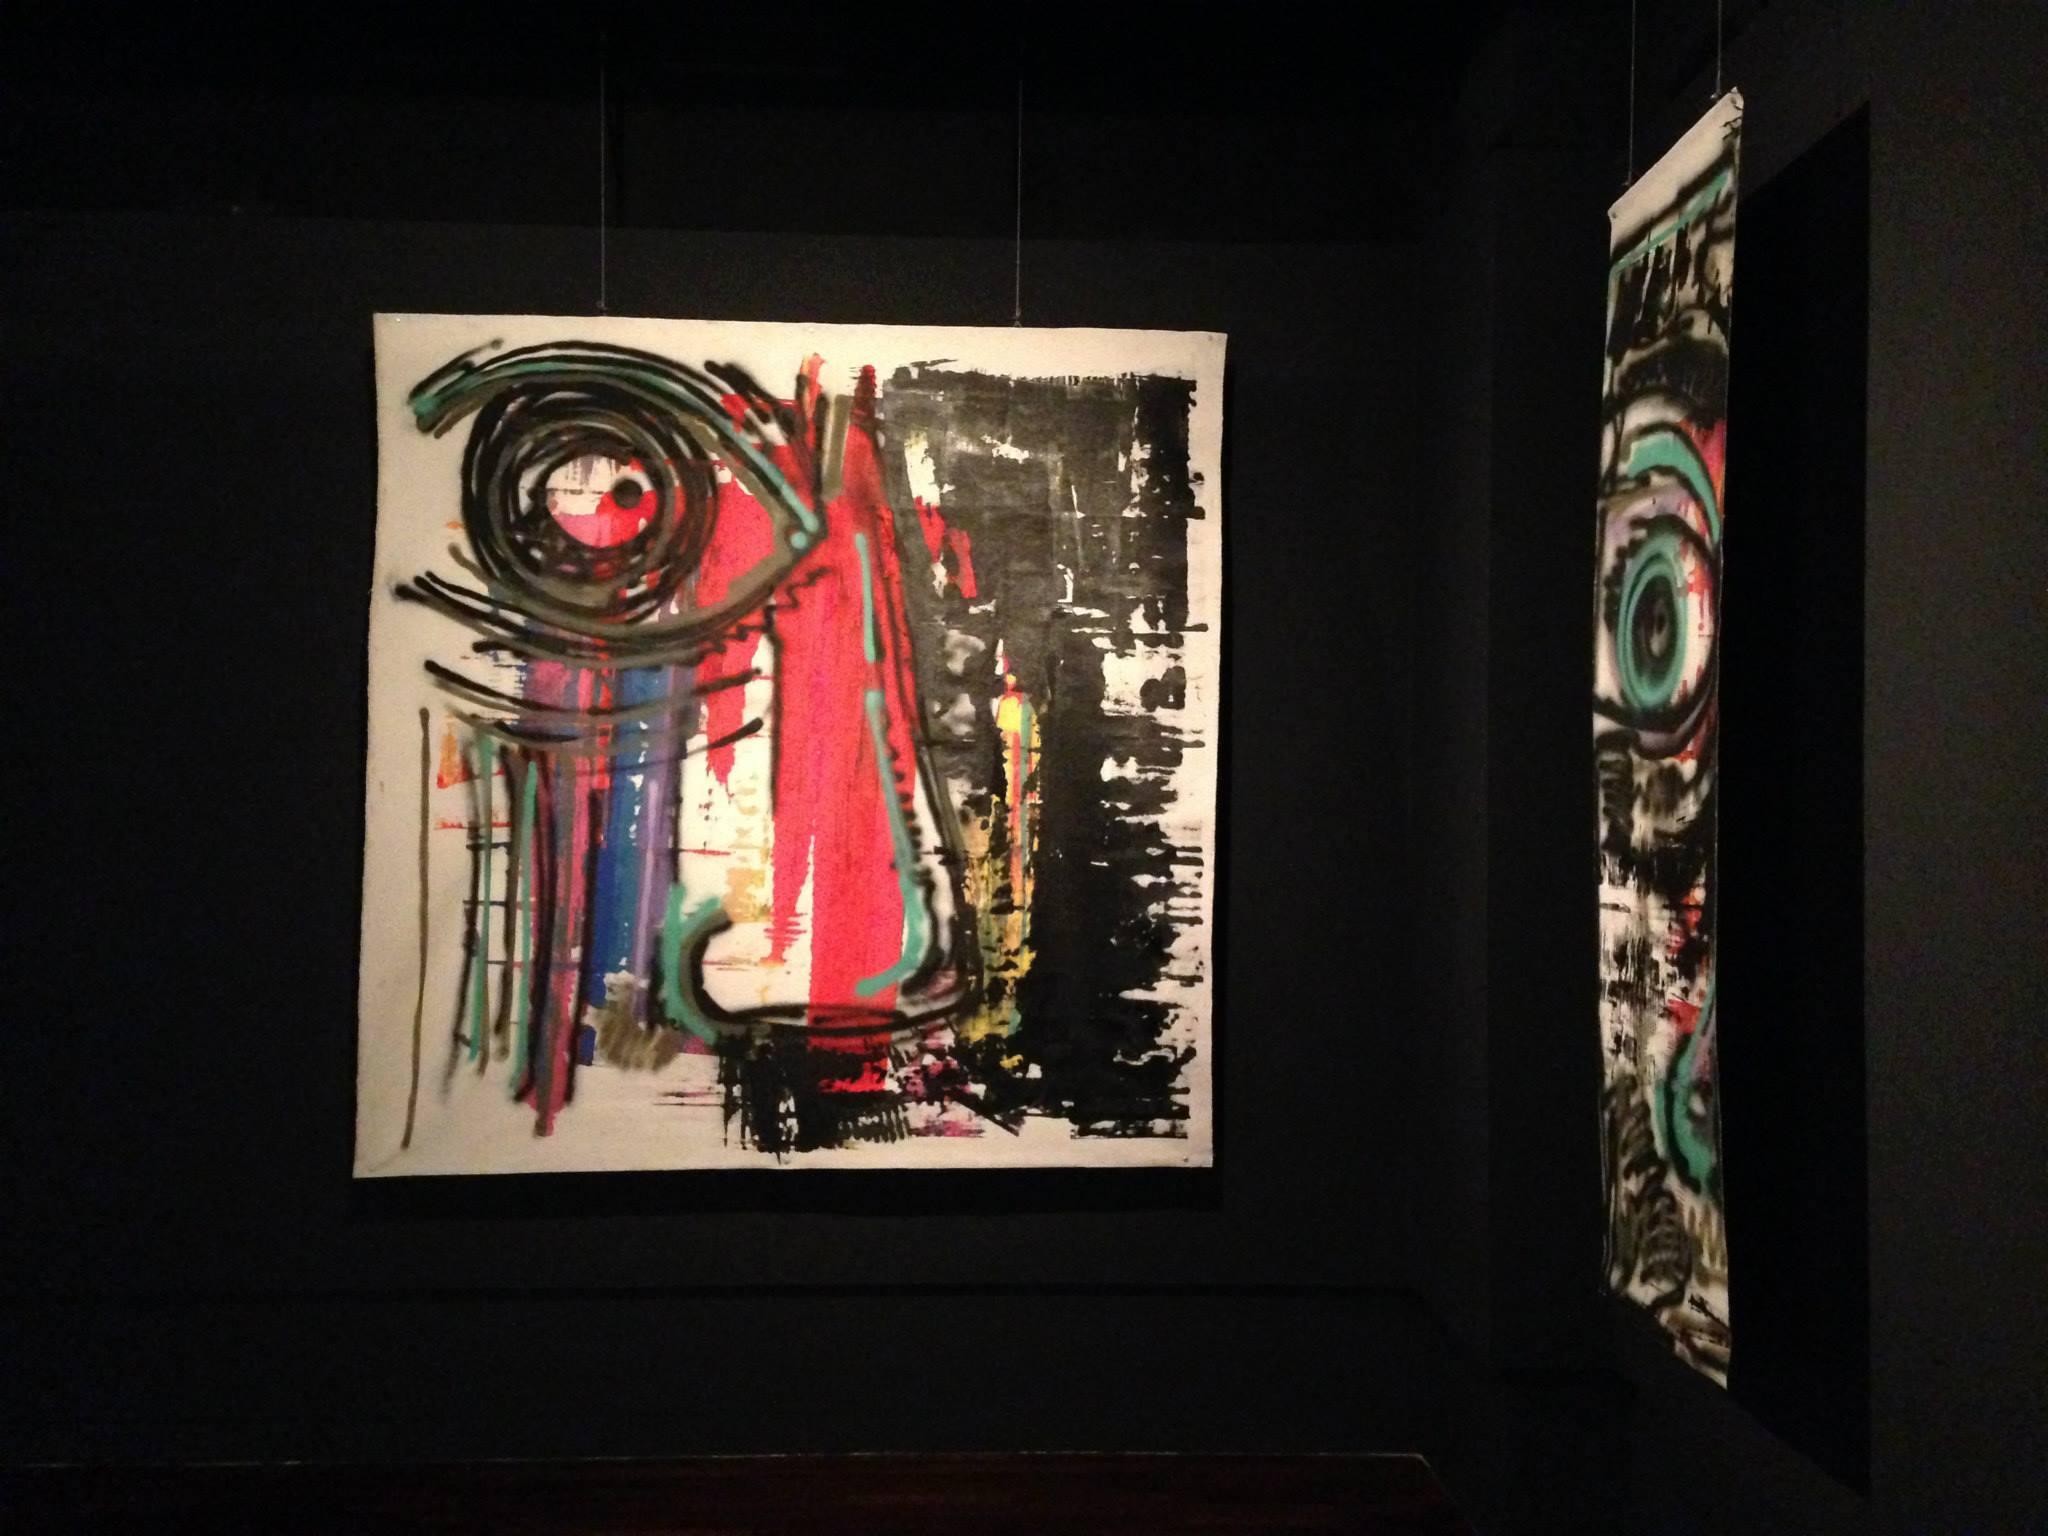 exposicao-arte-movimentos-caixa-cultural-centro-project-movements-rio-de-janeiro